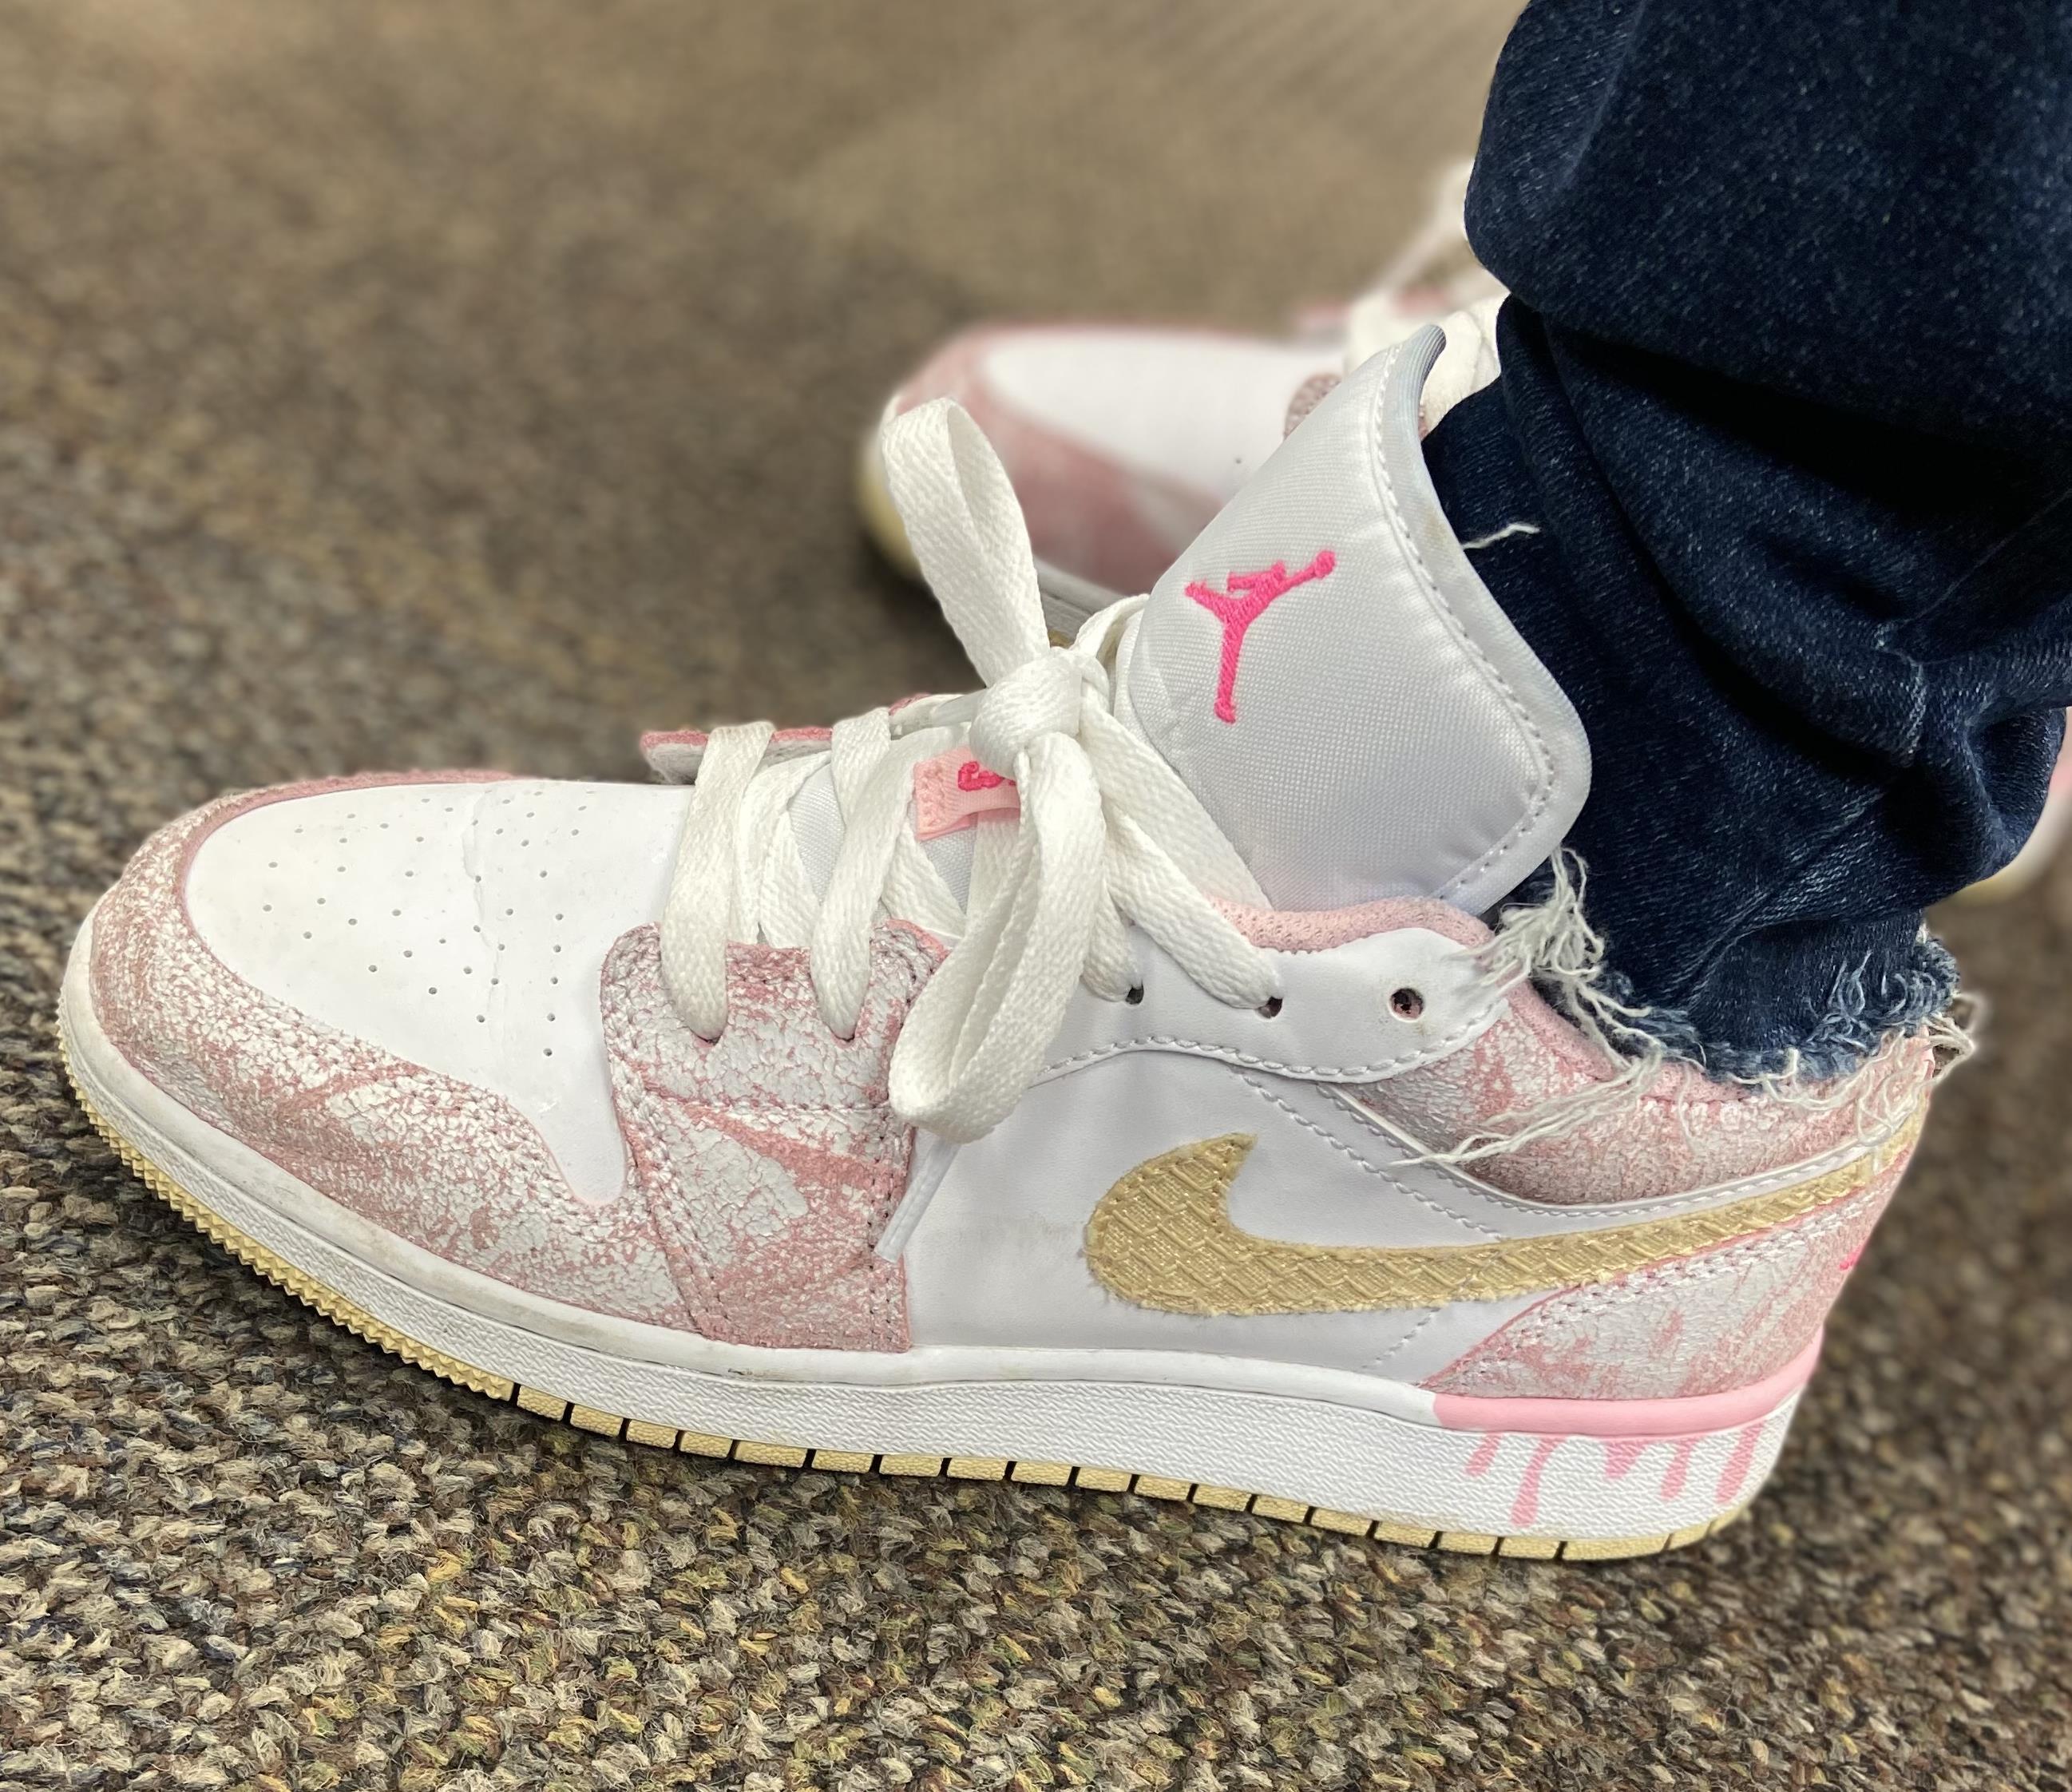 #ShoeCam #Nike #Jordan